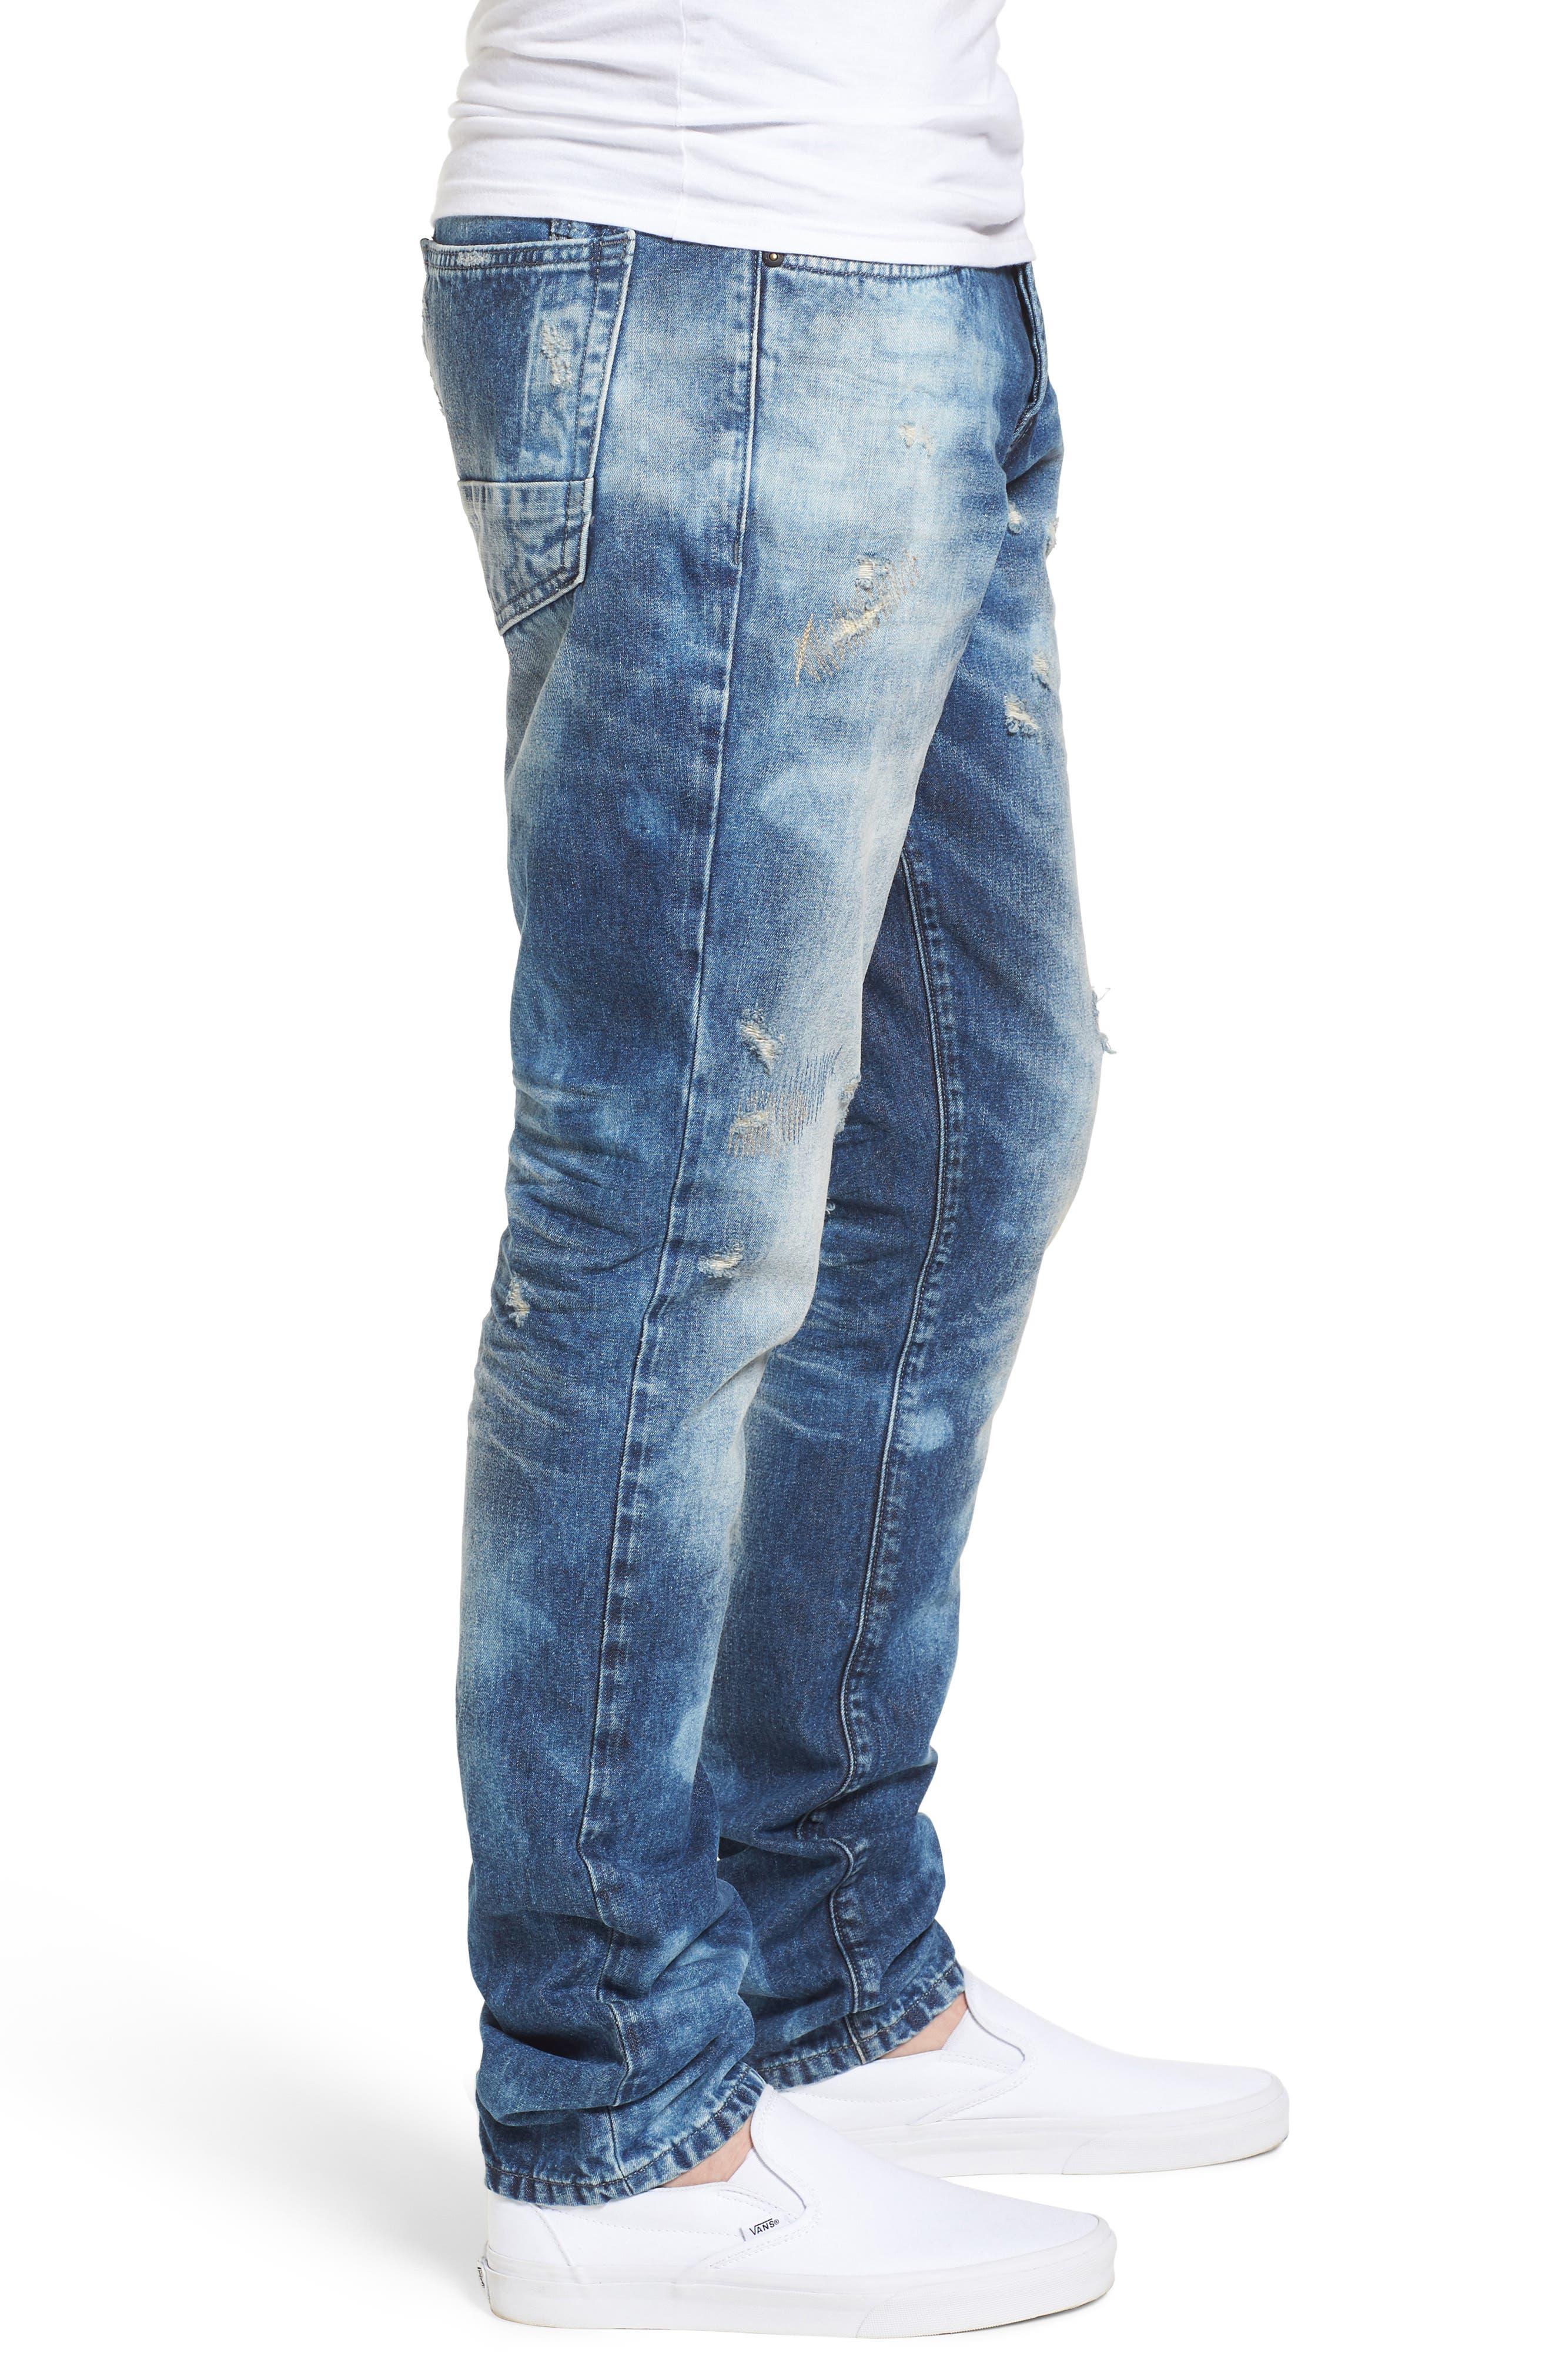 Le Sabre Slim Fit Jeans,                             Alternate thumbnail 3, color,                             496